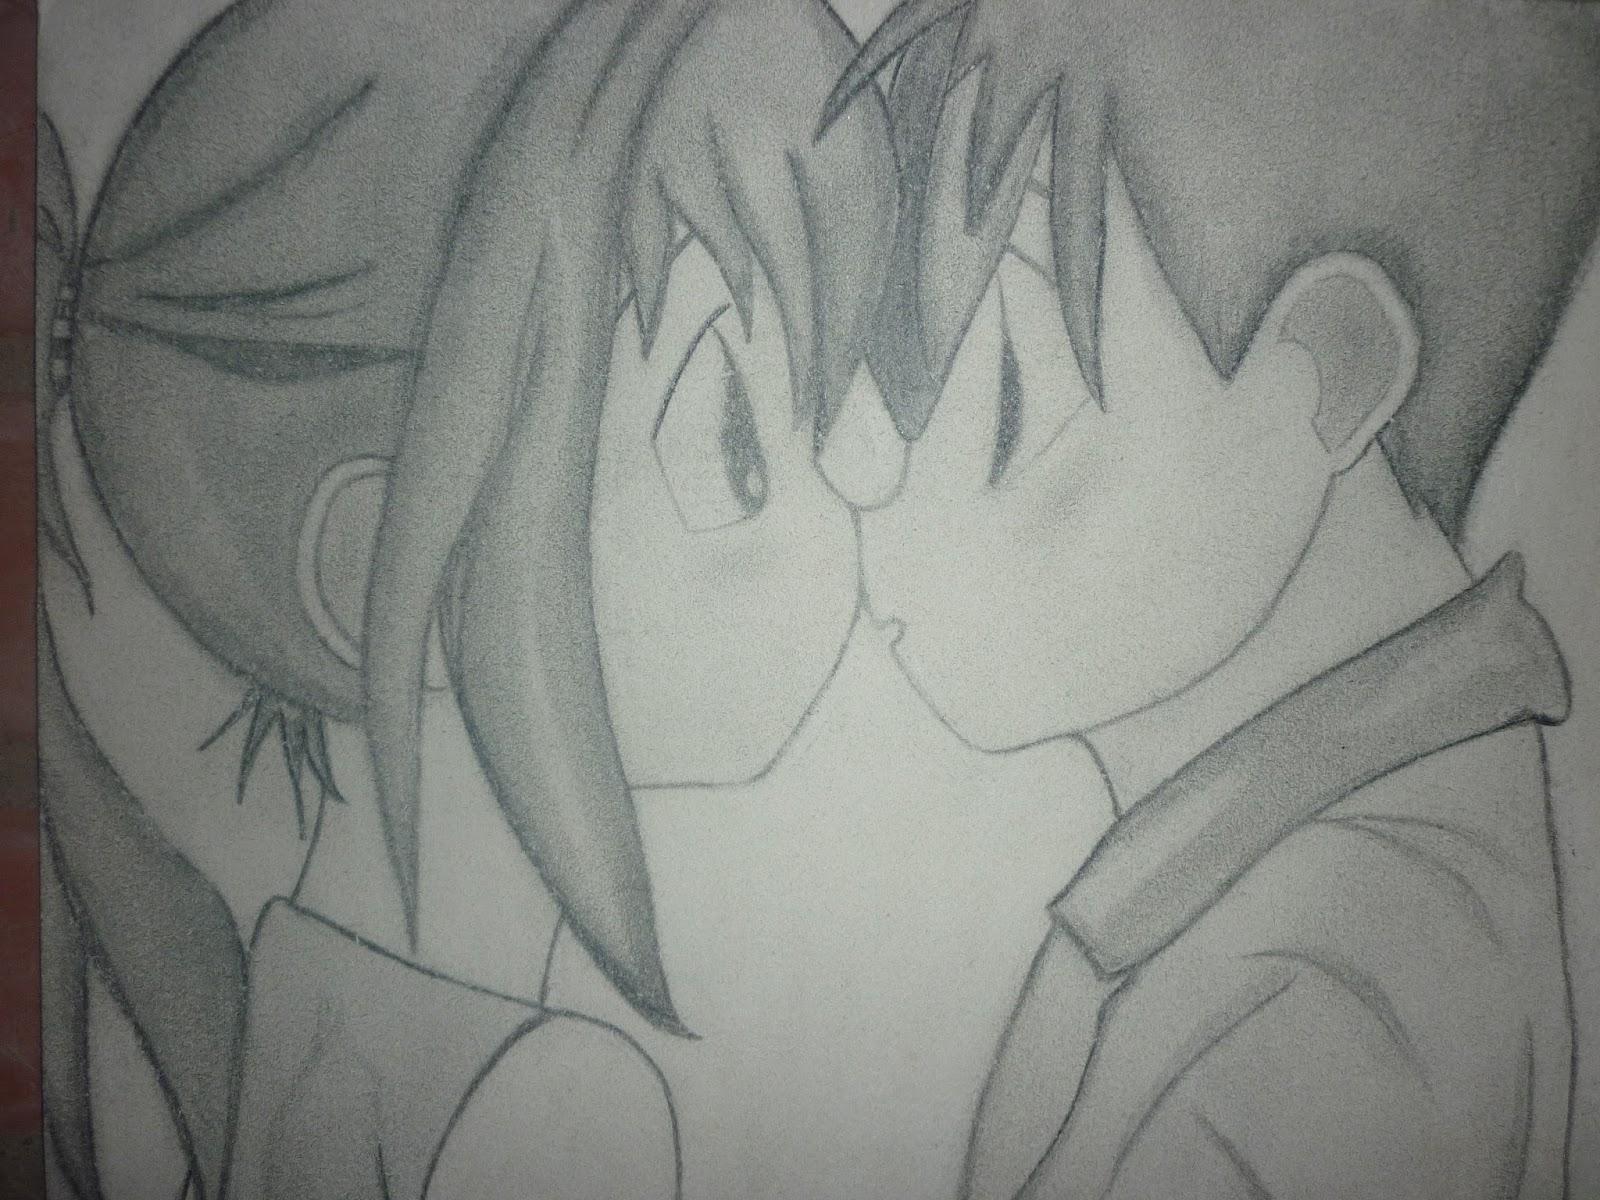 dibujos bacanos y algunos de amor ♫ ♪: un poquito de arte ♪♫